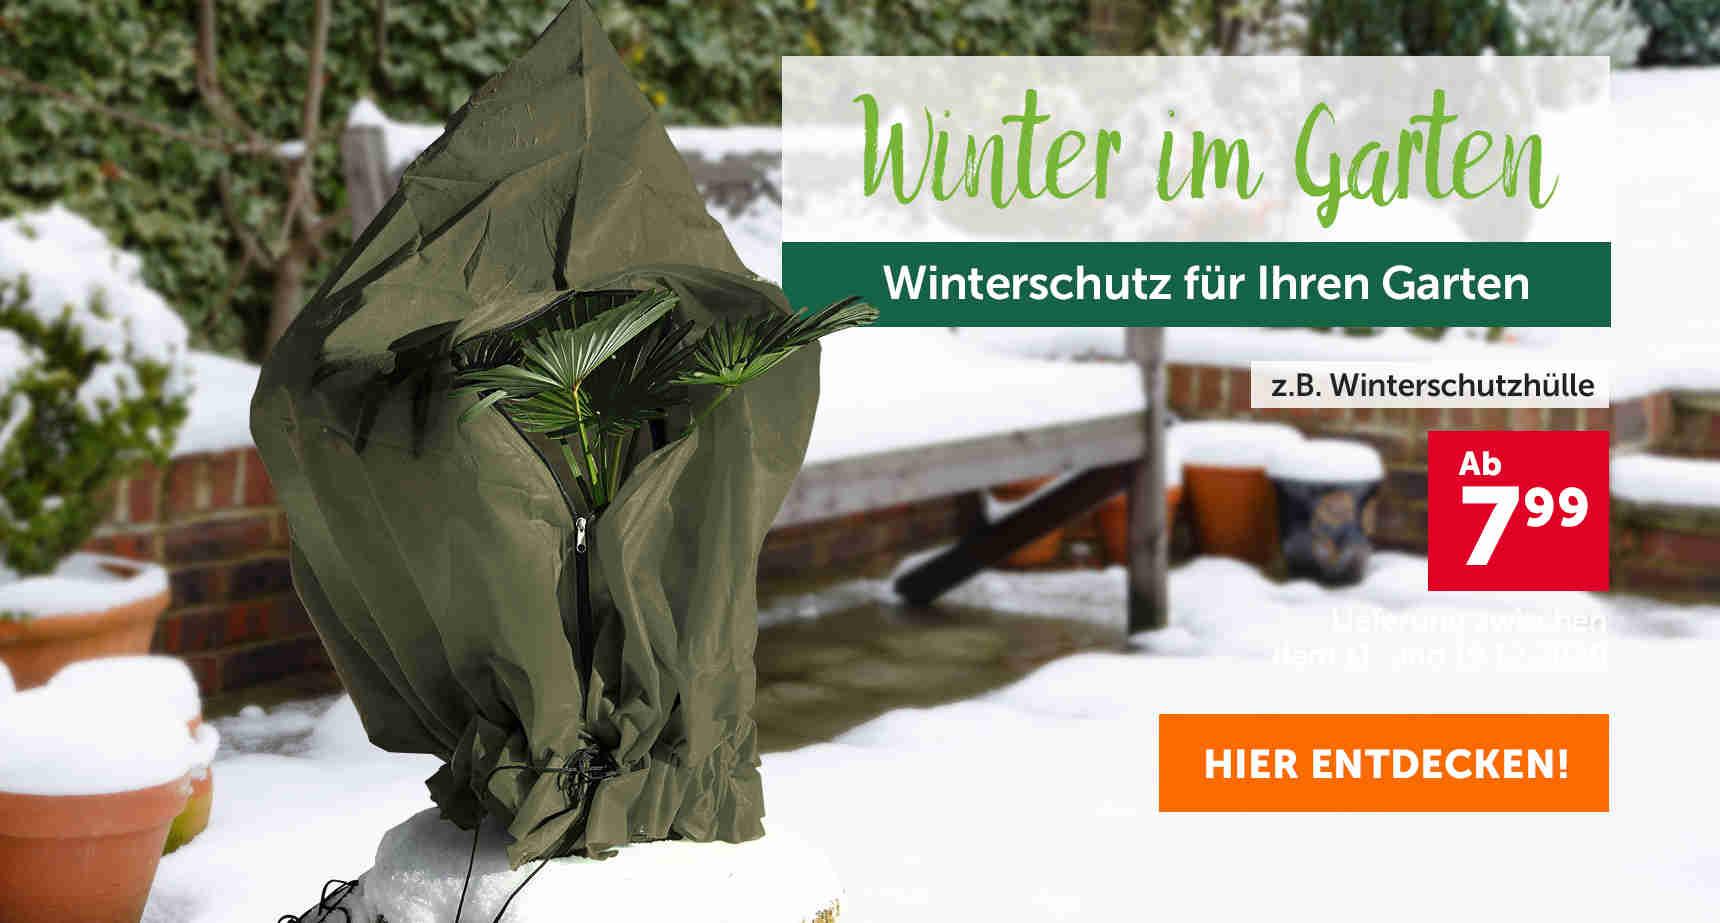 +++ (2) Winter im Garten +++ - 3